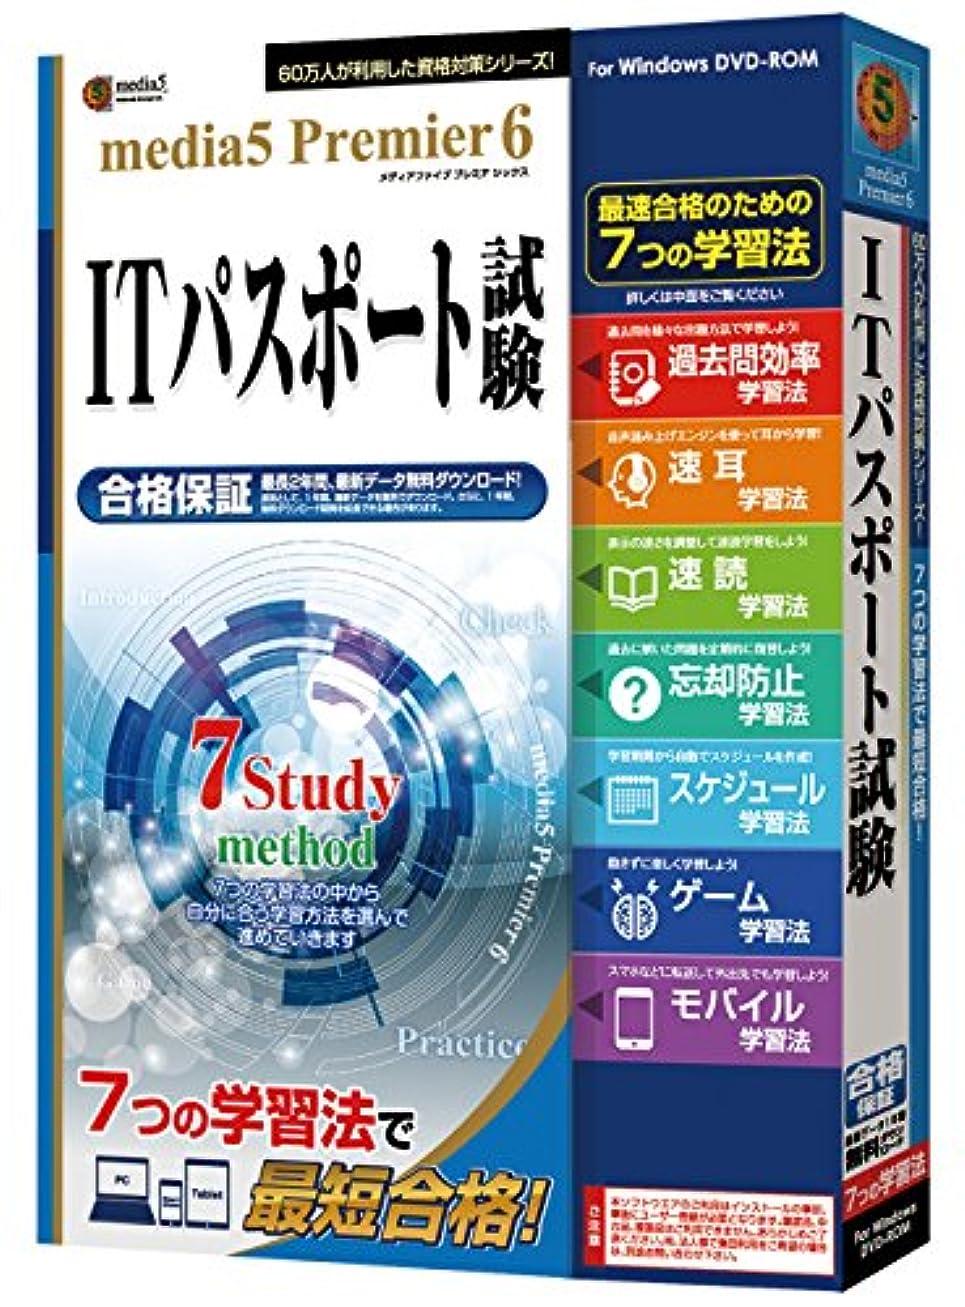 れる盗難コピーメディアファイブ プレミア6 7つの学習法 ITパスポート試験